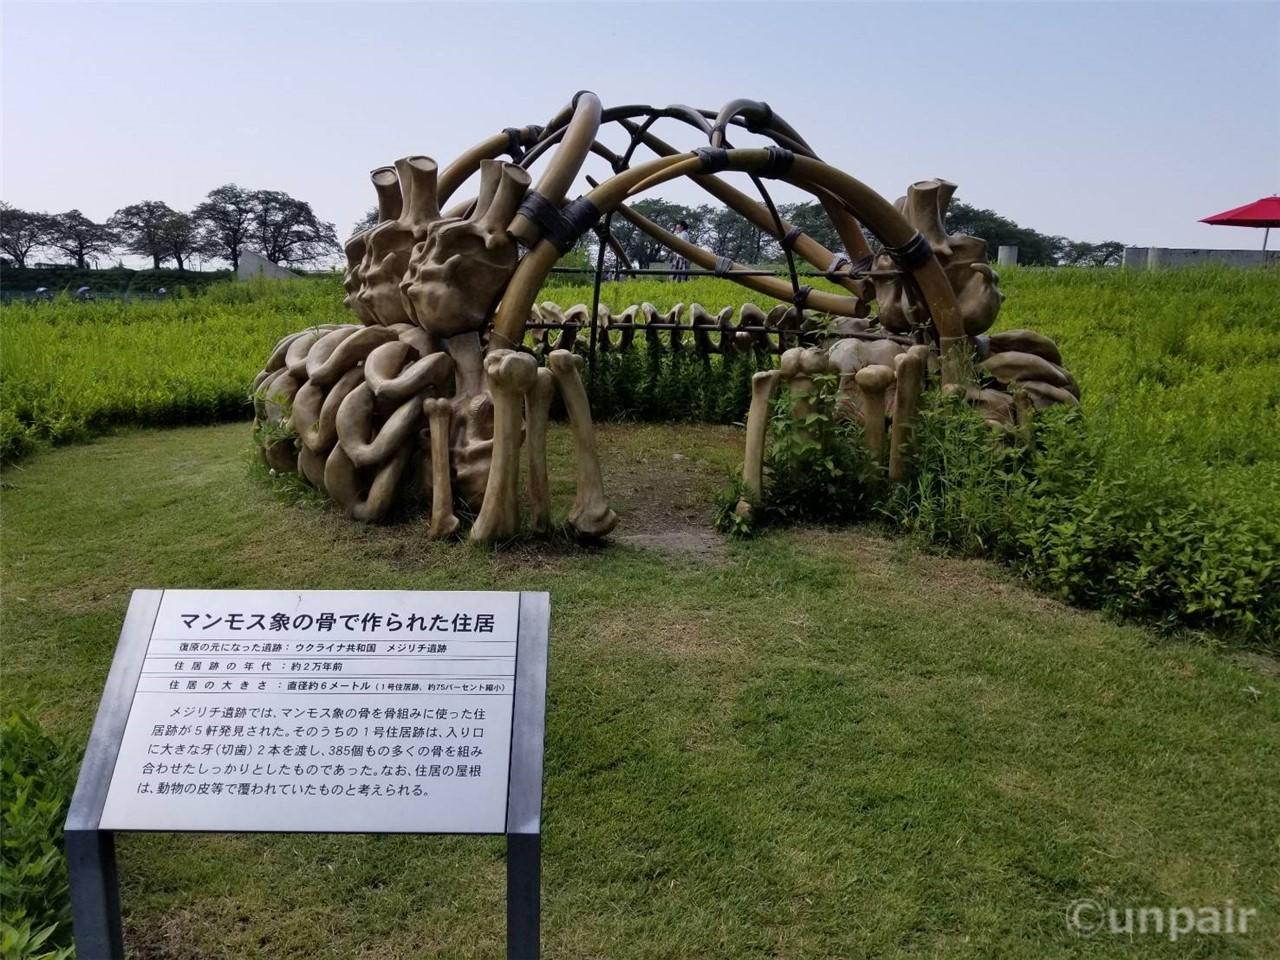 マンモス象の骨で作られた住居